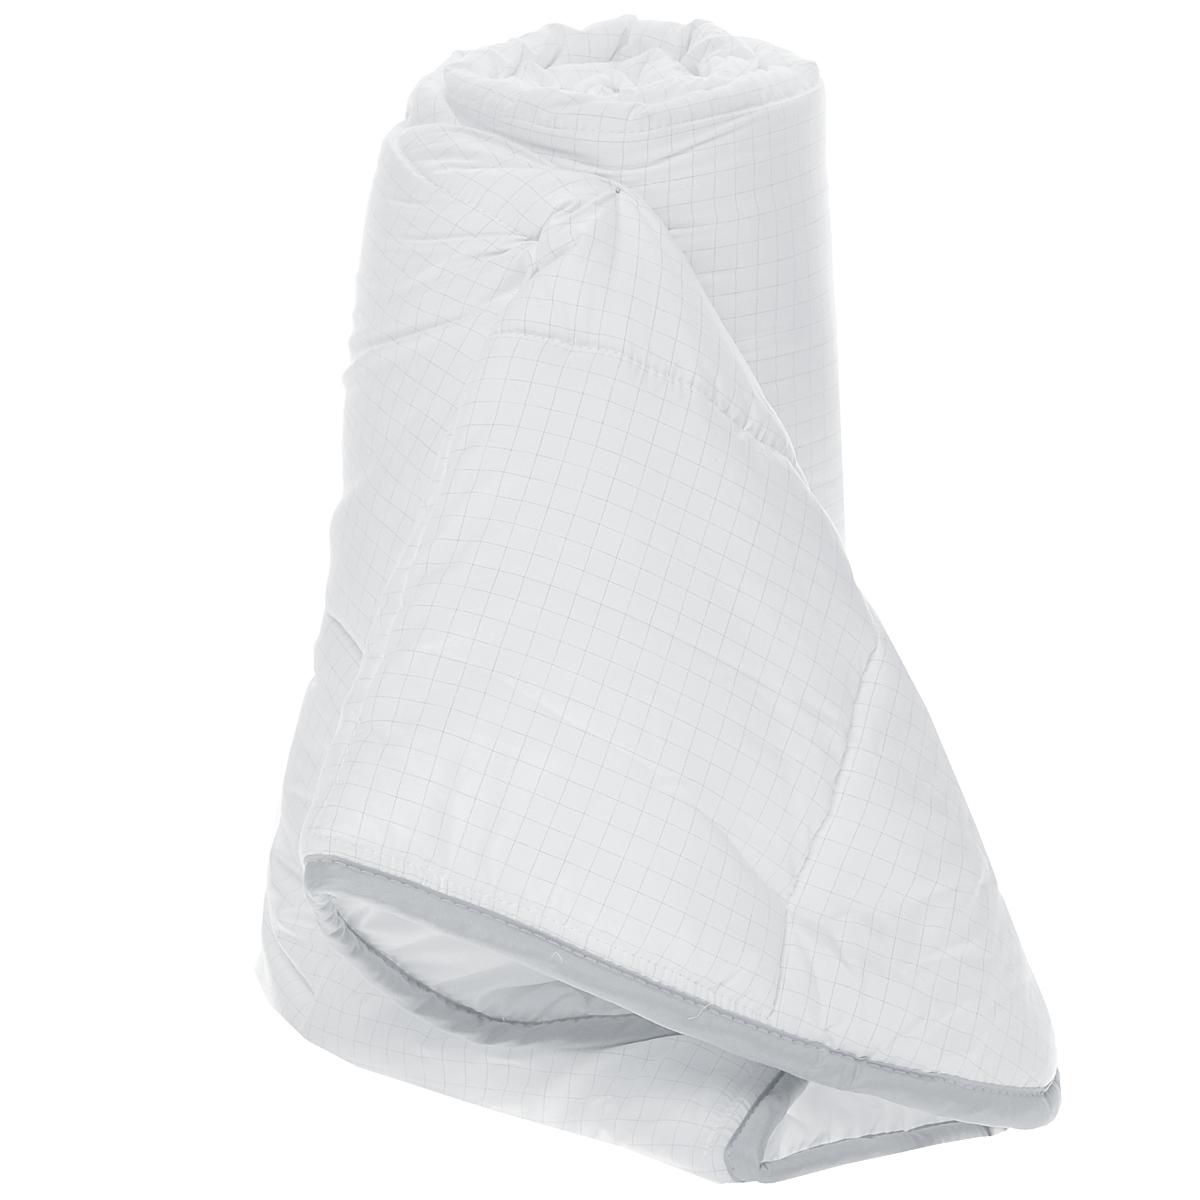 Одеяло Comfort Line Антистресс, классическое, наполнитель: полиэстер, 140 х 205 см174355